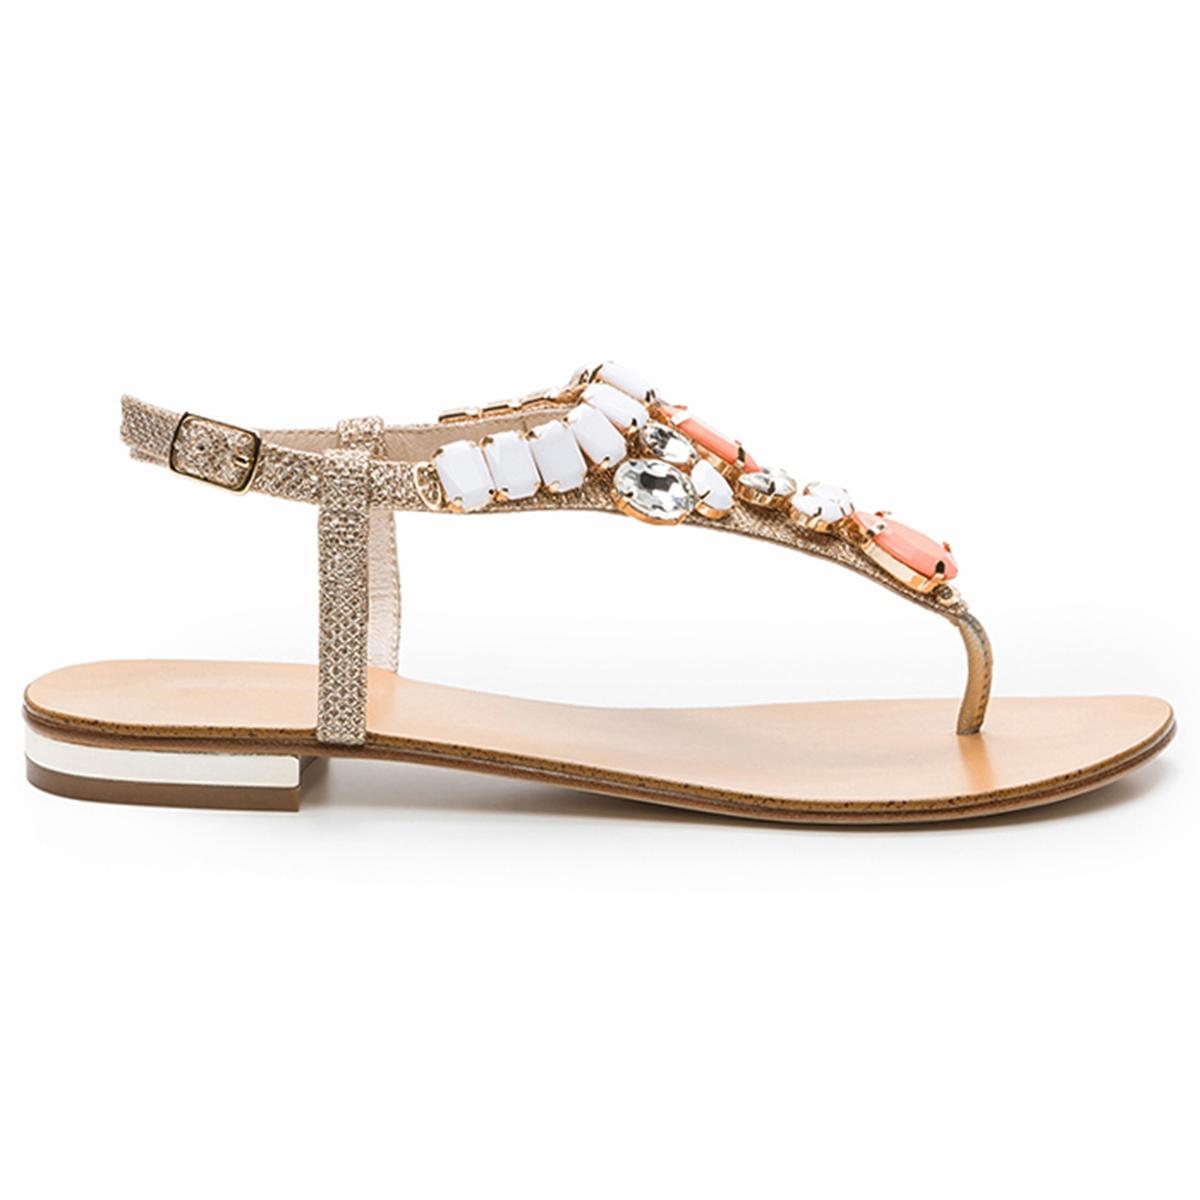 Босоножки на плоском каблуке, Hania Glit